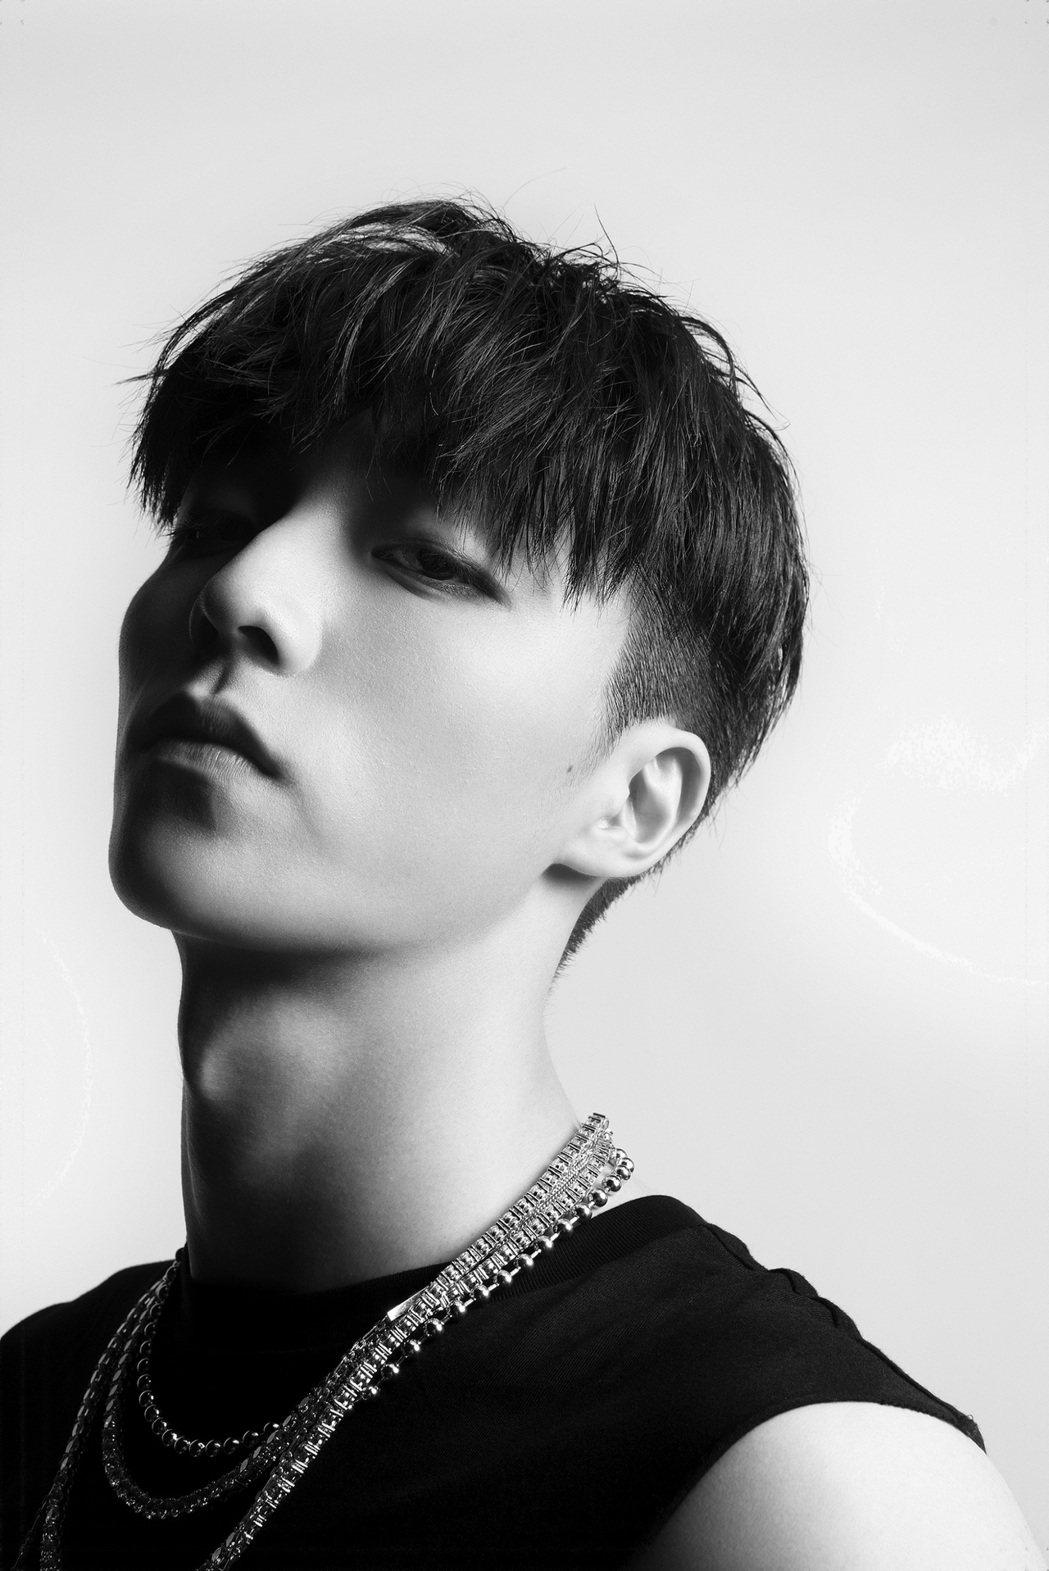 陳立農20歲青春節點推出新單曲「BEST造就王者」。圖/環球音樂提供